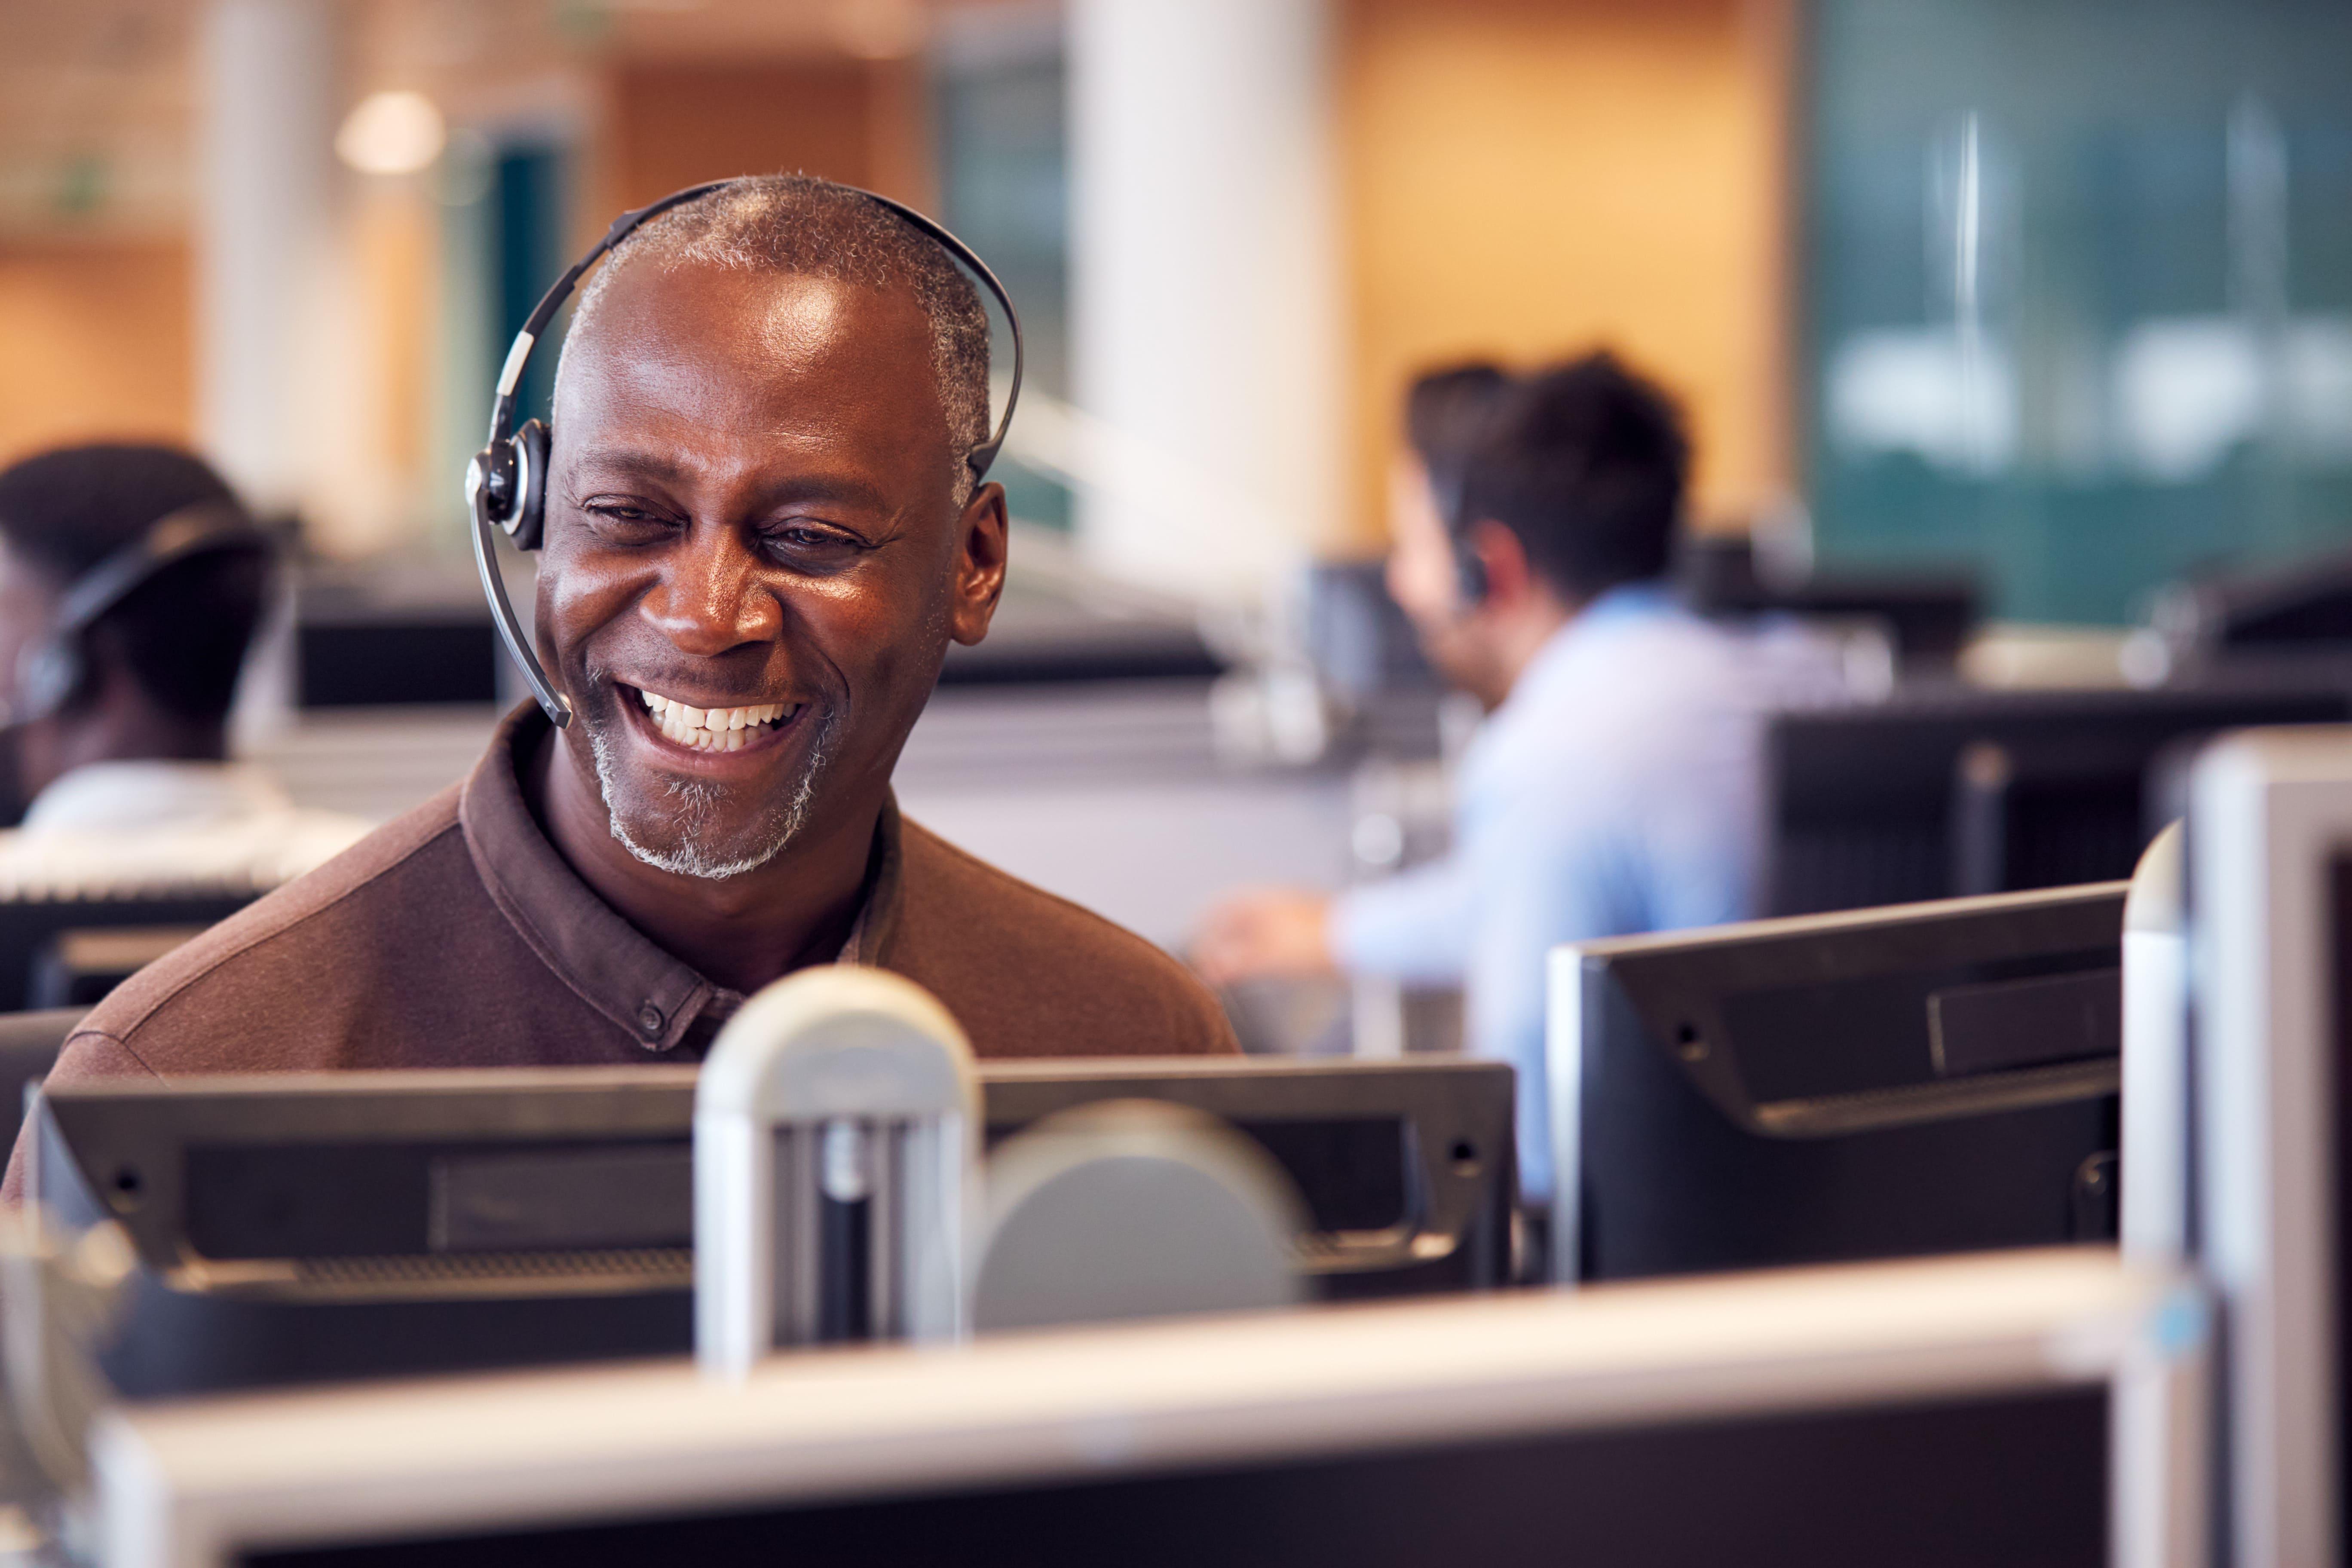 Un homme souriant devant son ordinateur